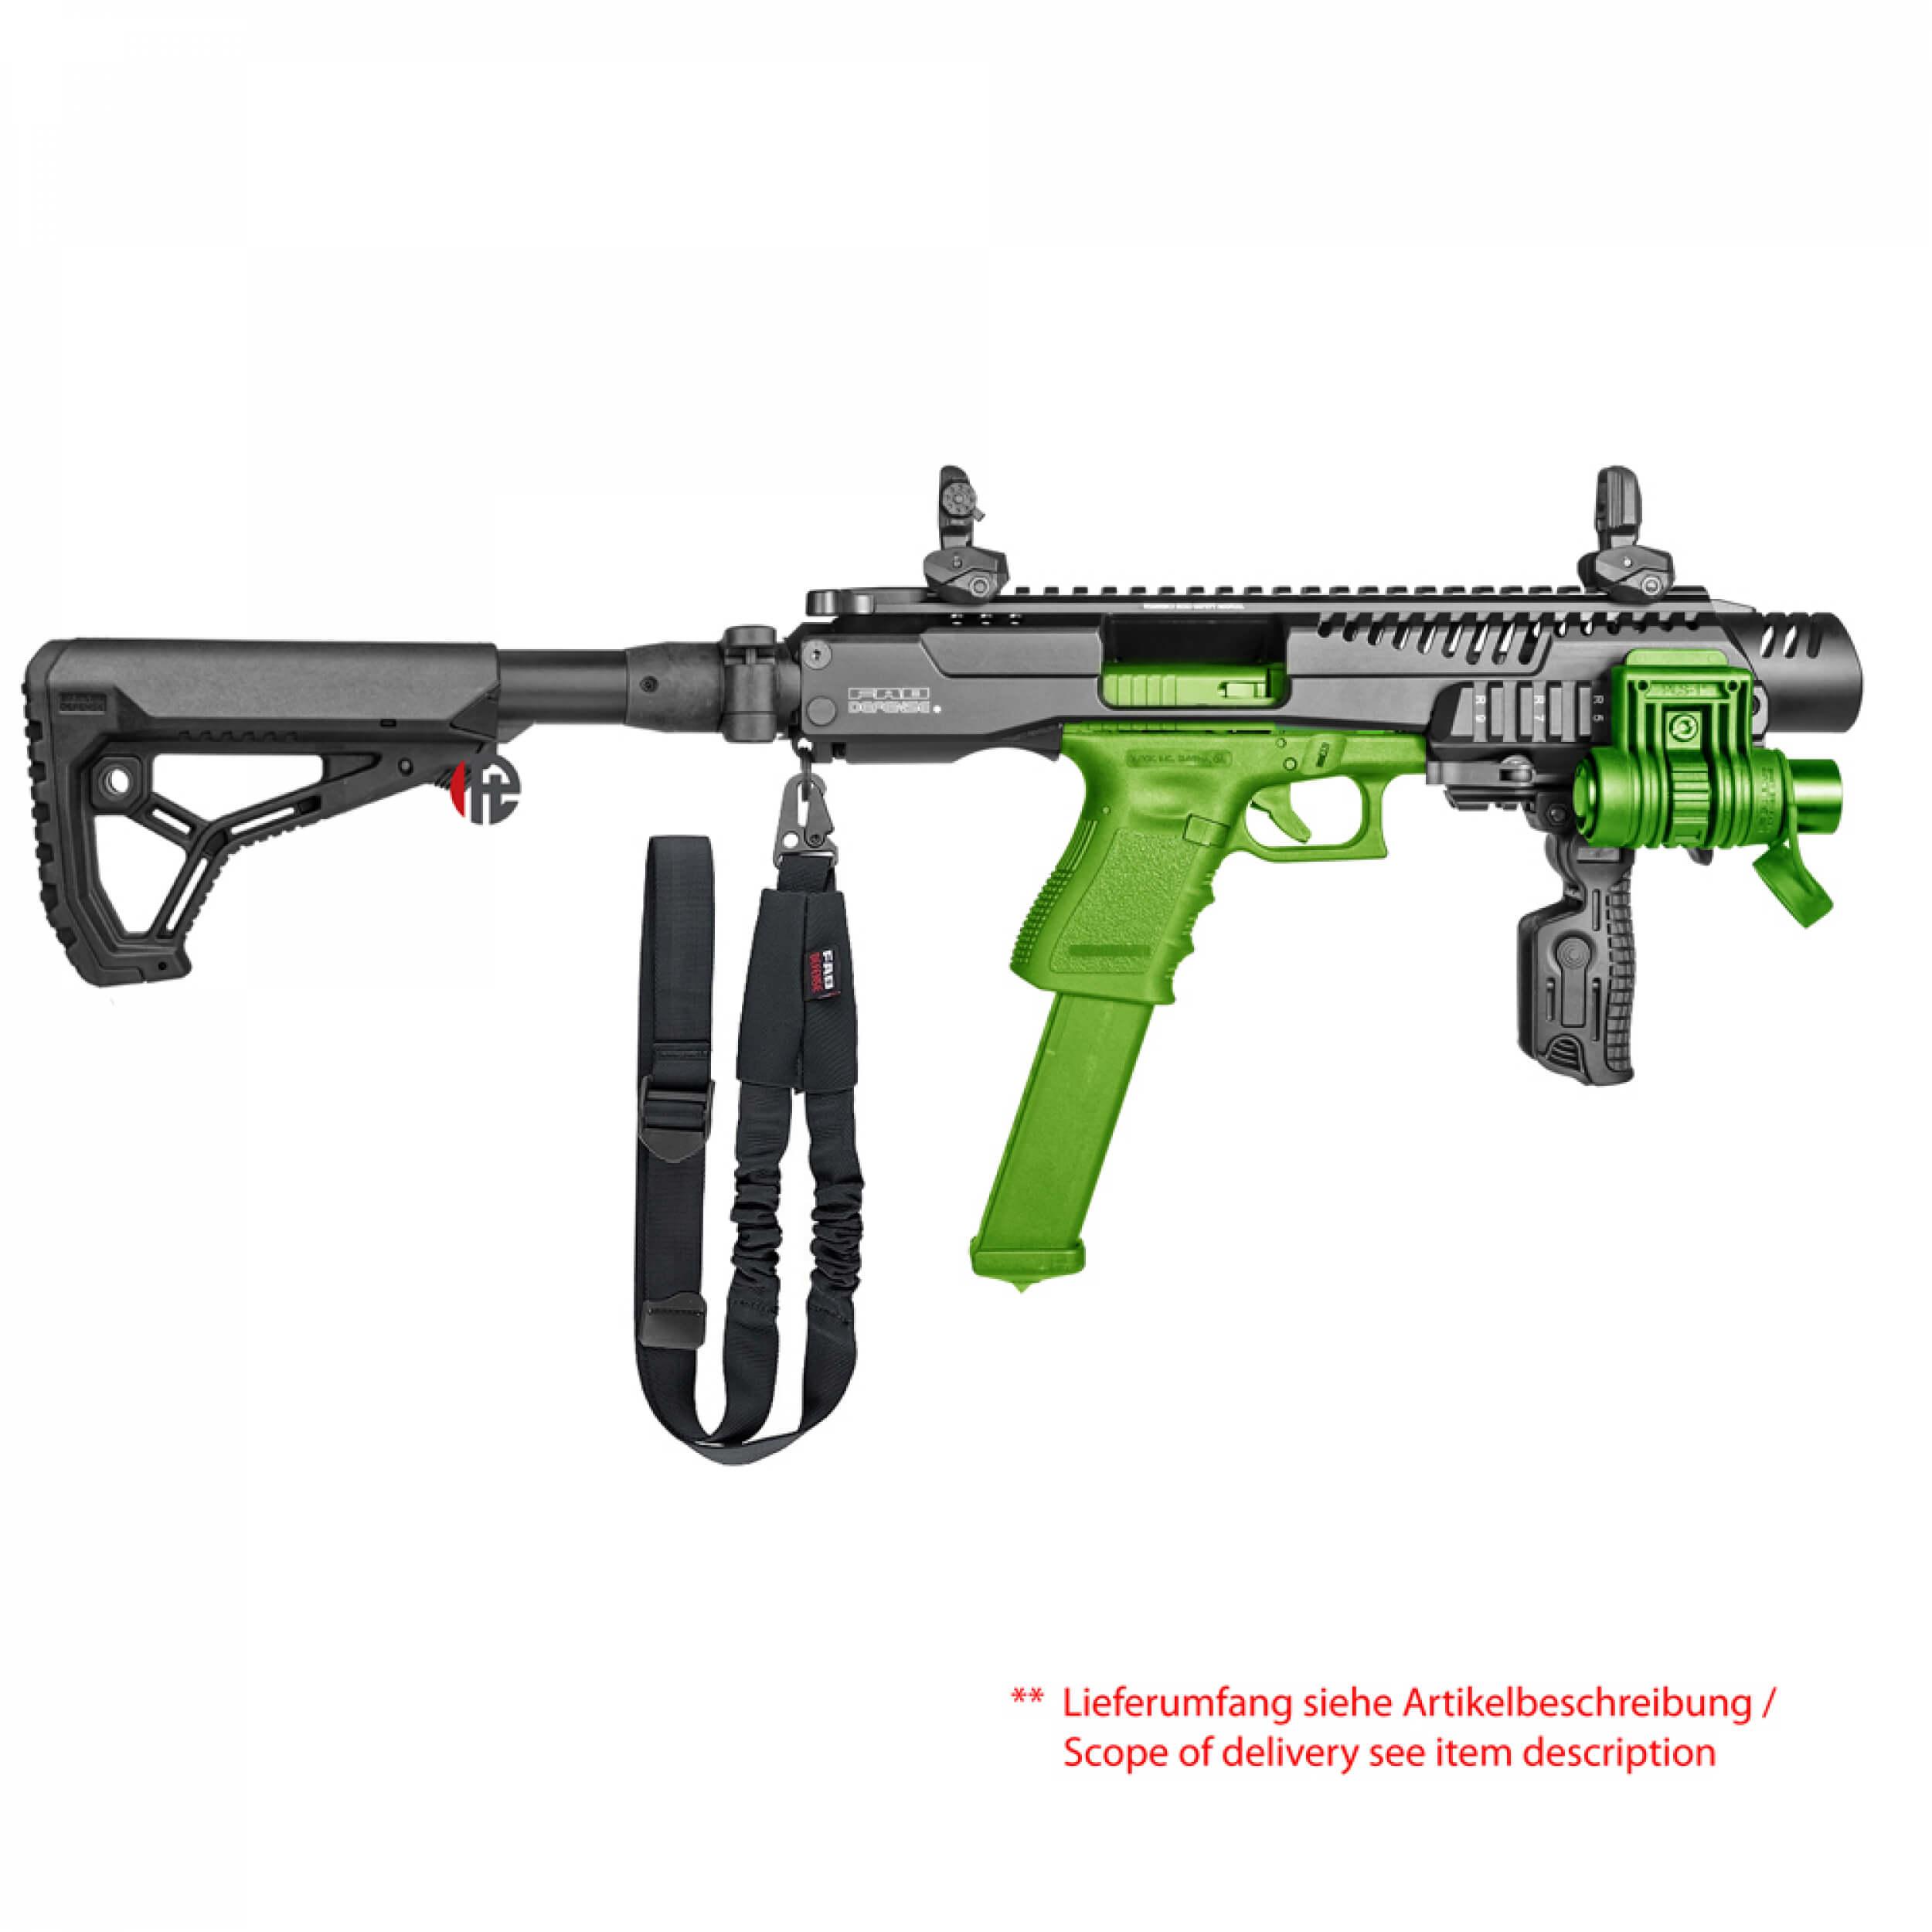 KPOS G2/ CORE Glock 17/19  (gb)